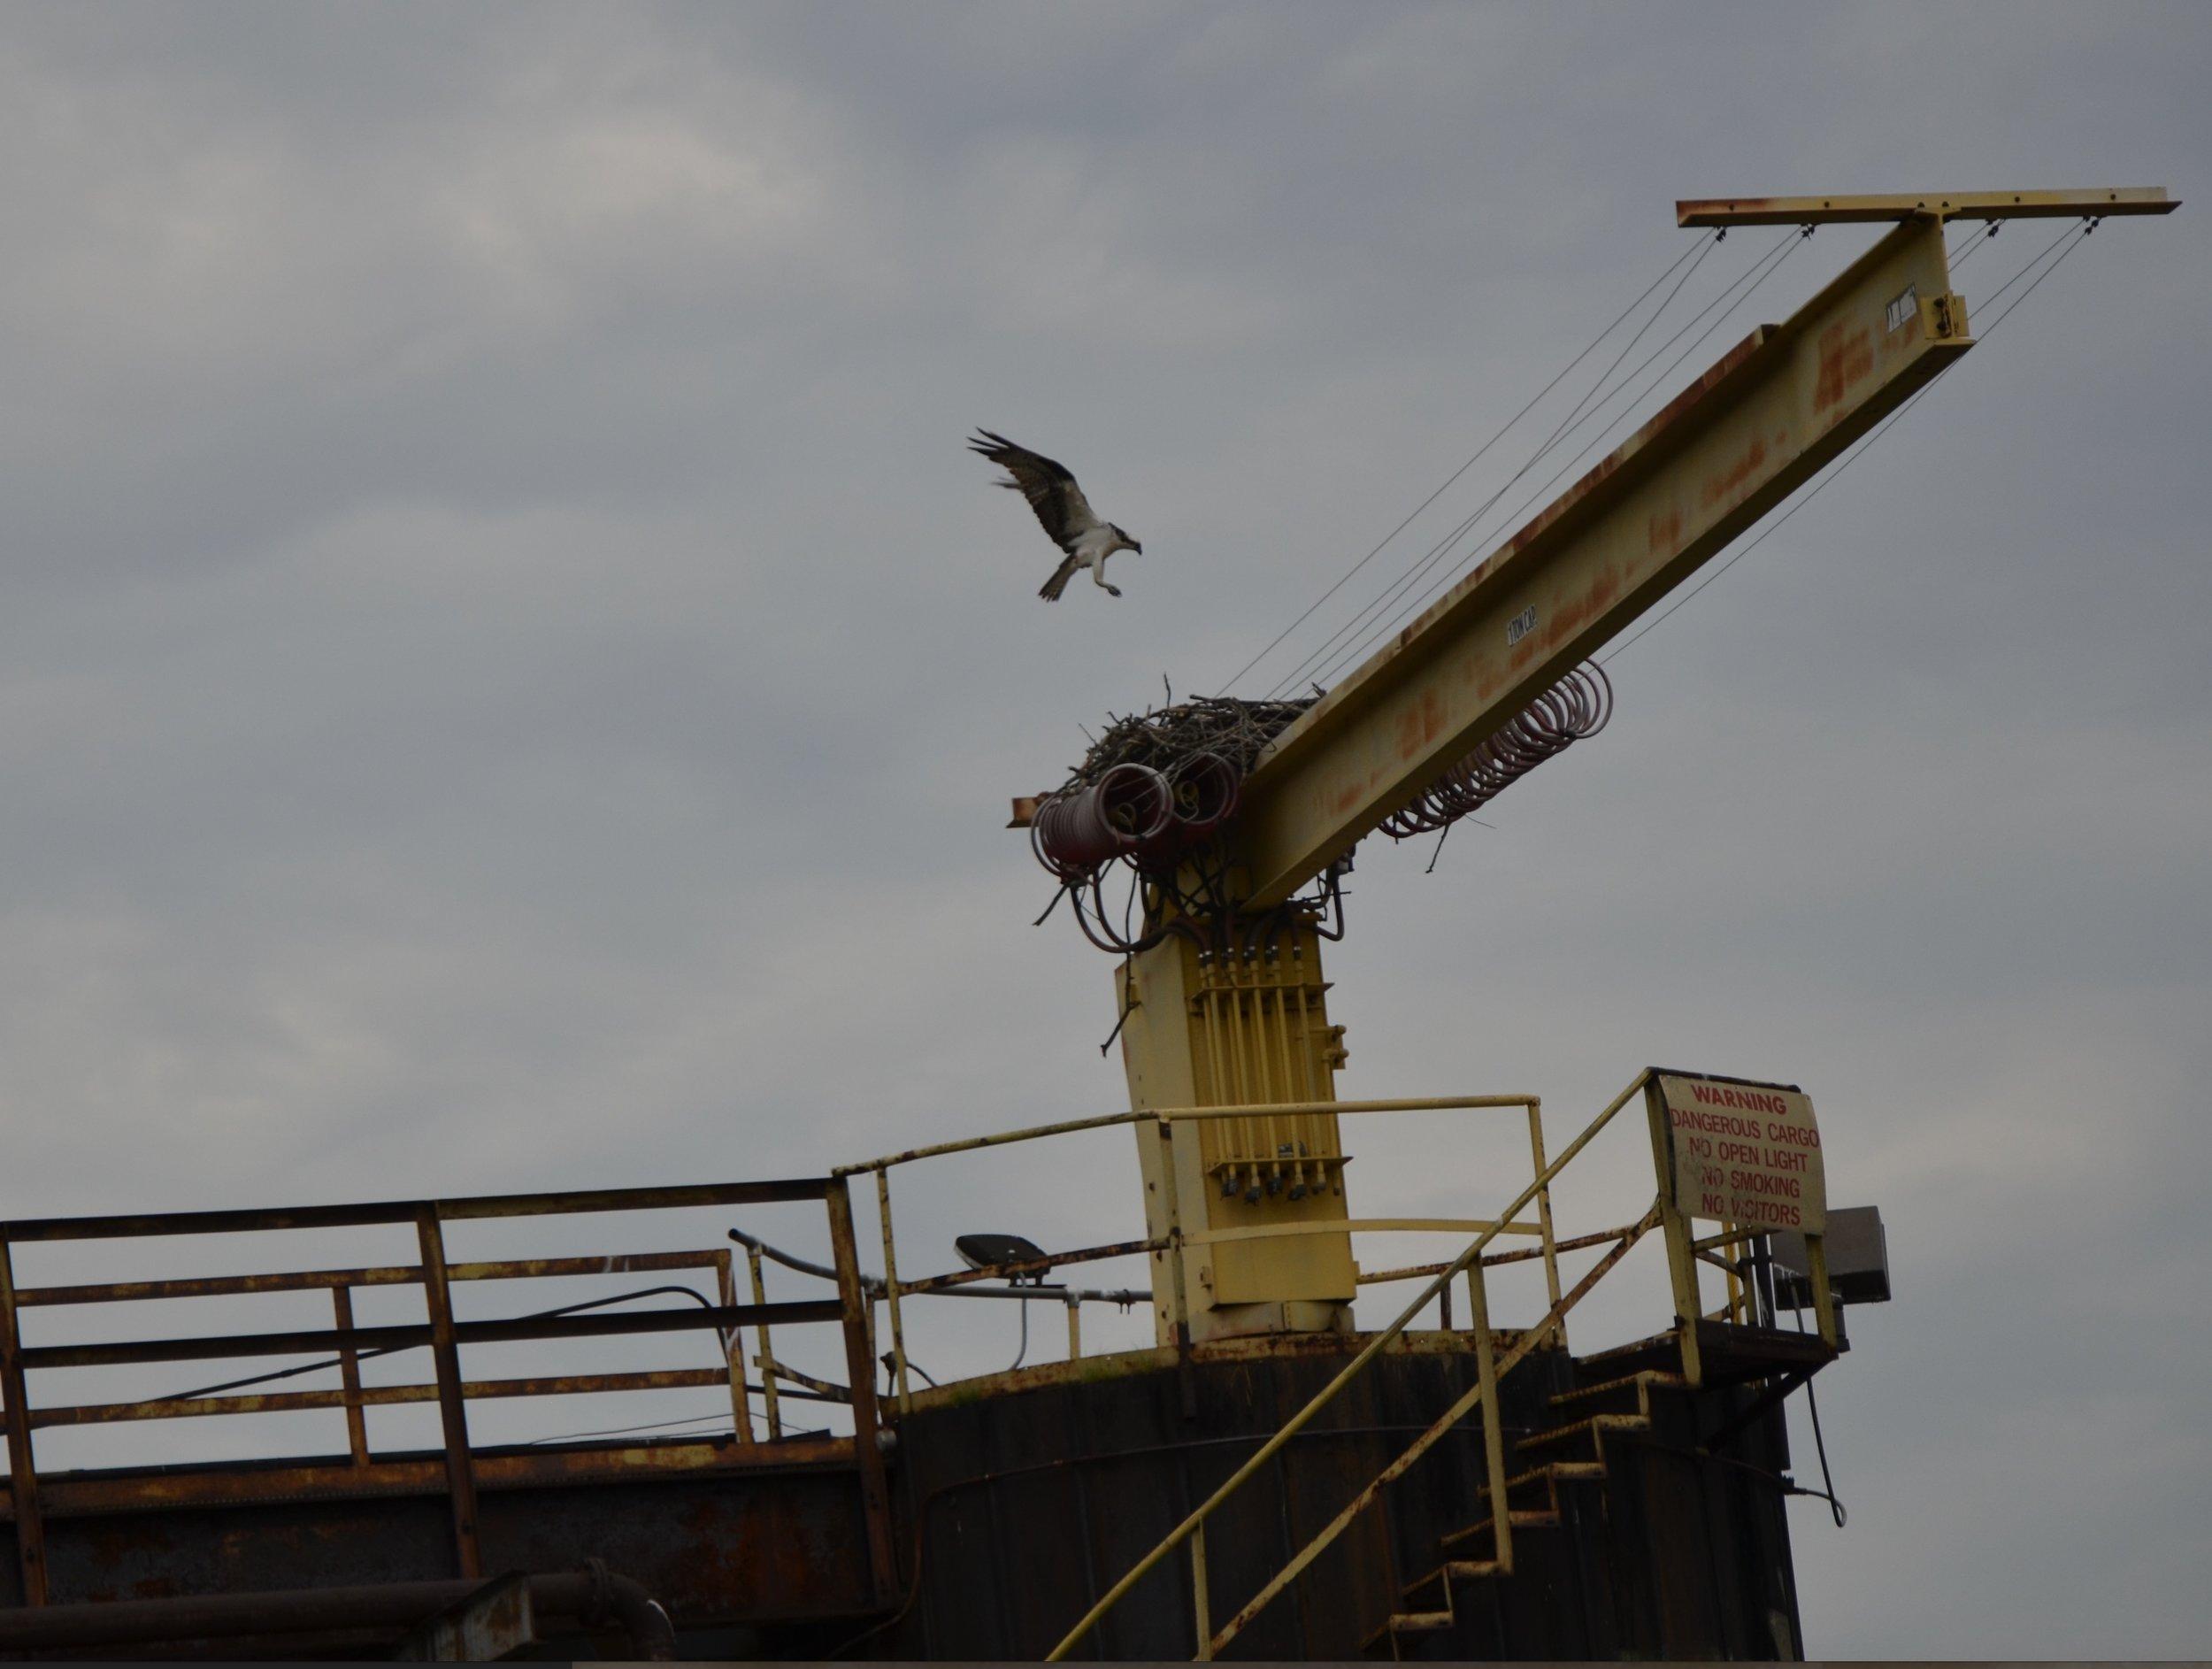 the osprey nest at neville's dock.